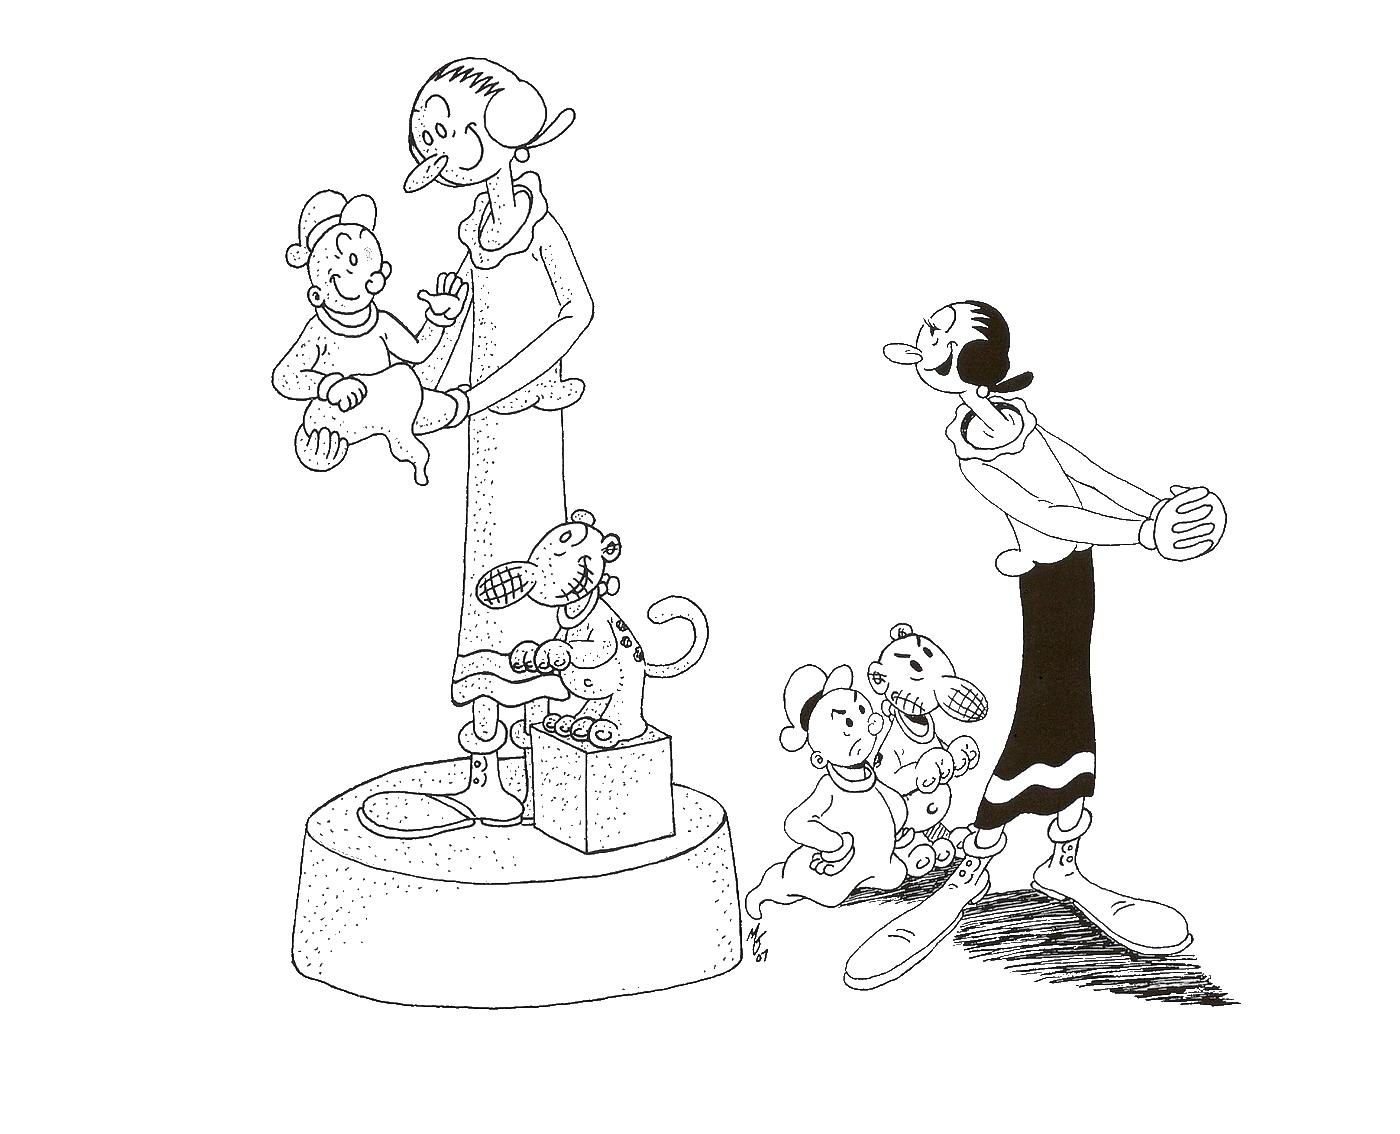 113 dibujos de Popeye el marino para colorear   Oh Kids   Page 3